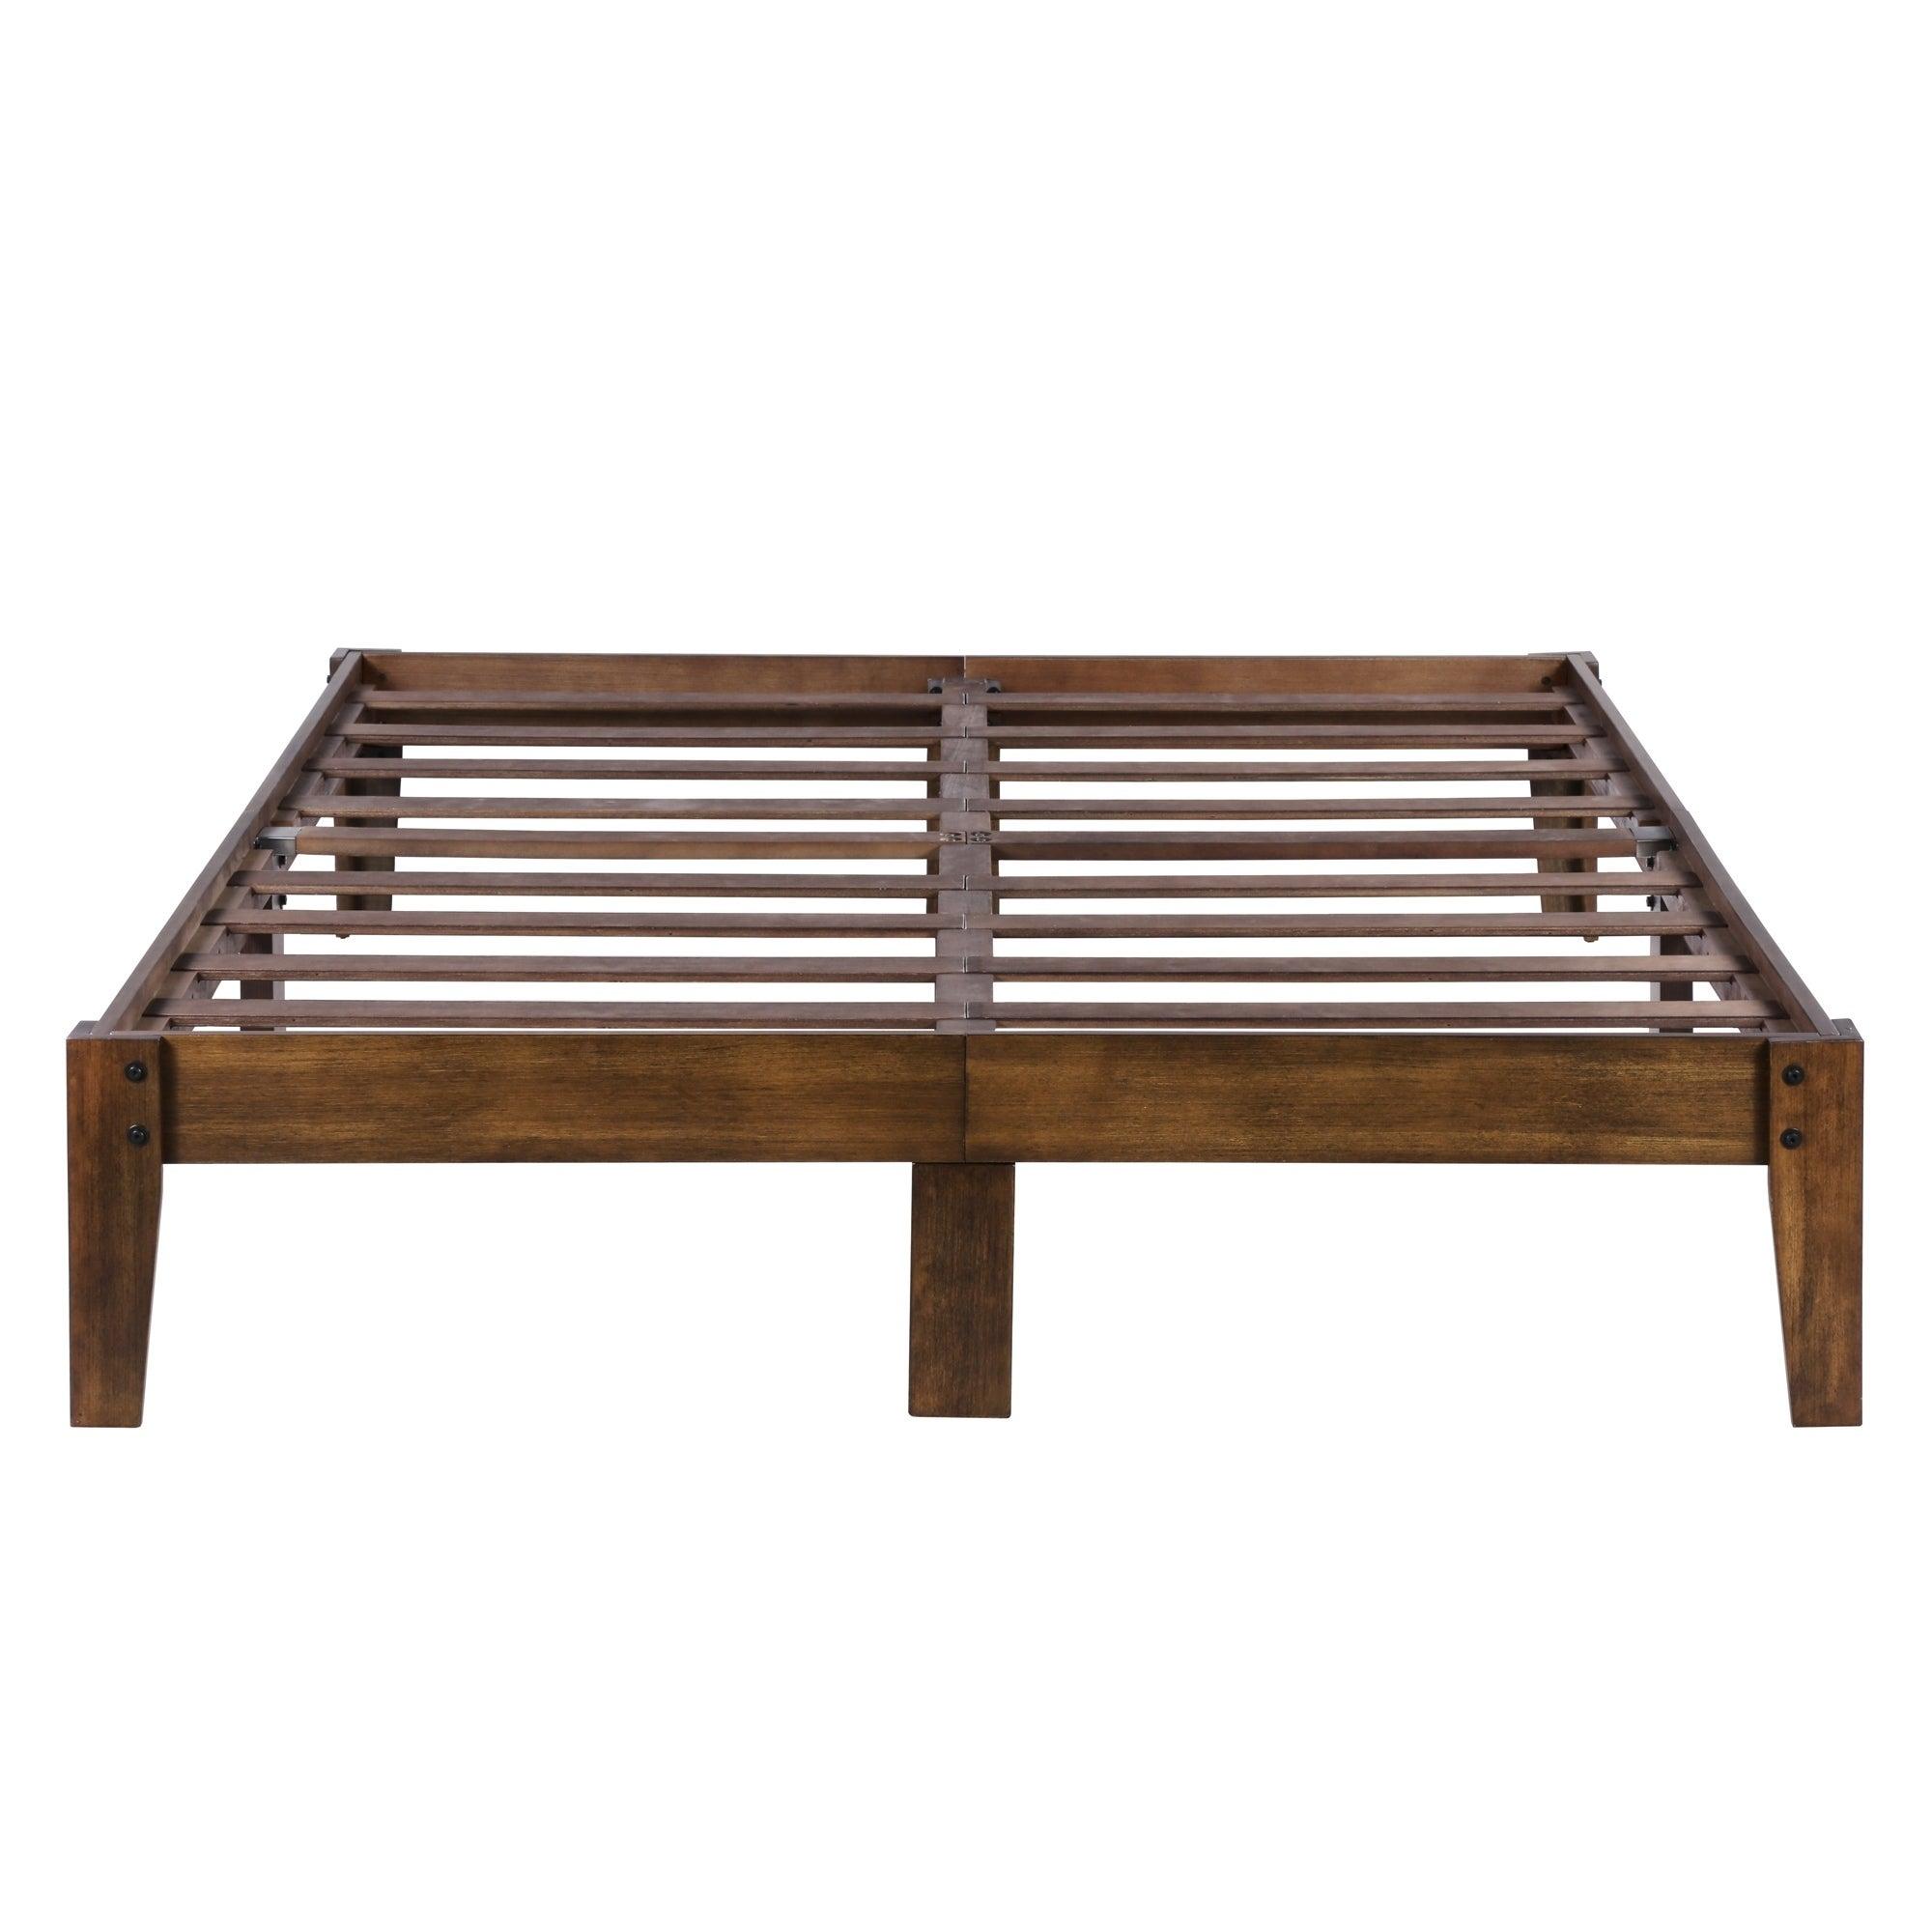 Shop Sleeplanner 14 inch Natural Smart Wood Bed Frame (Full) - On ...